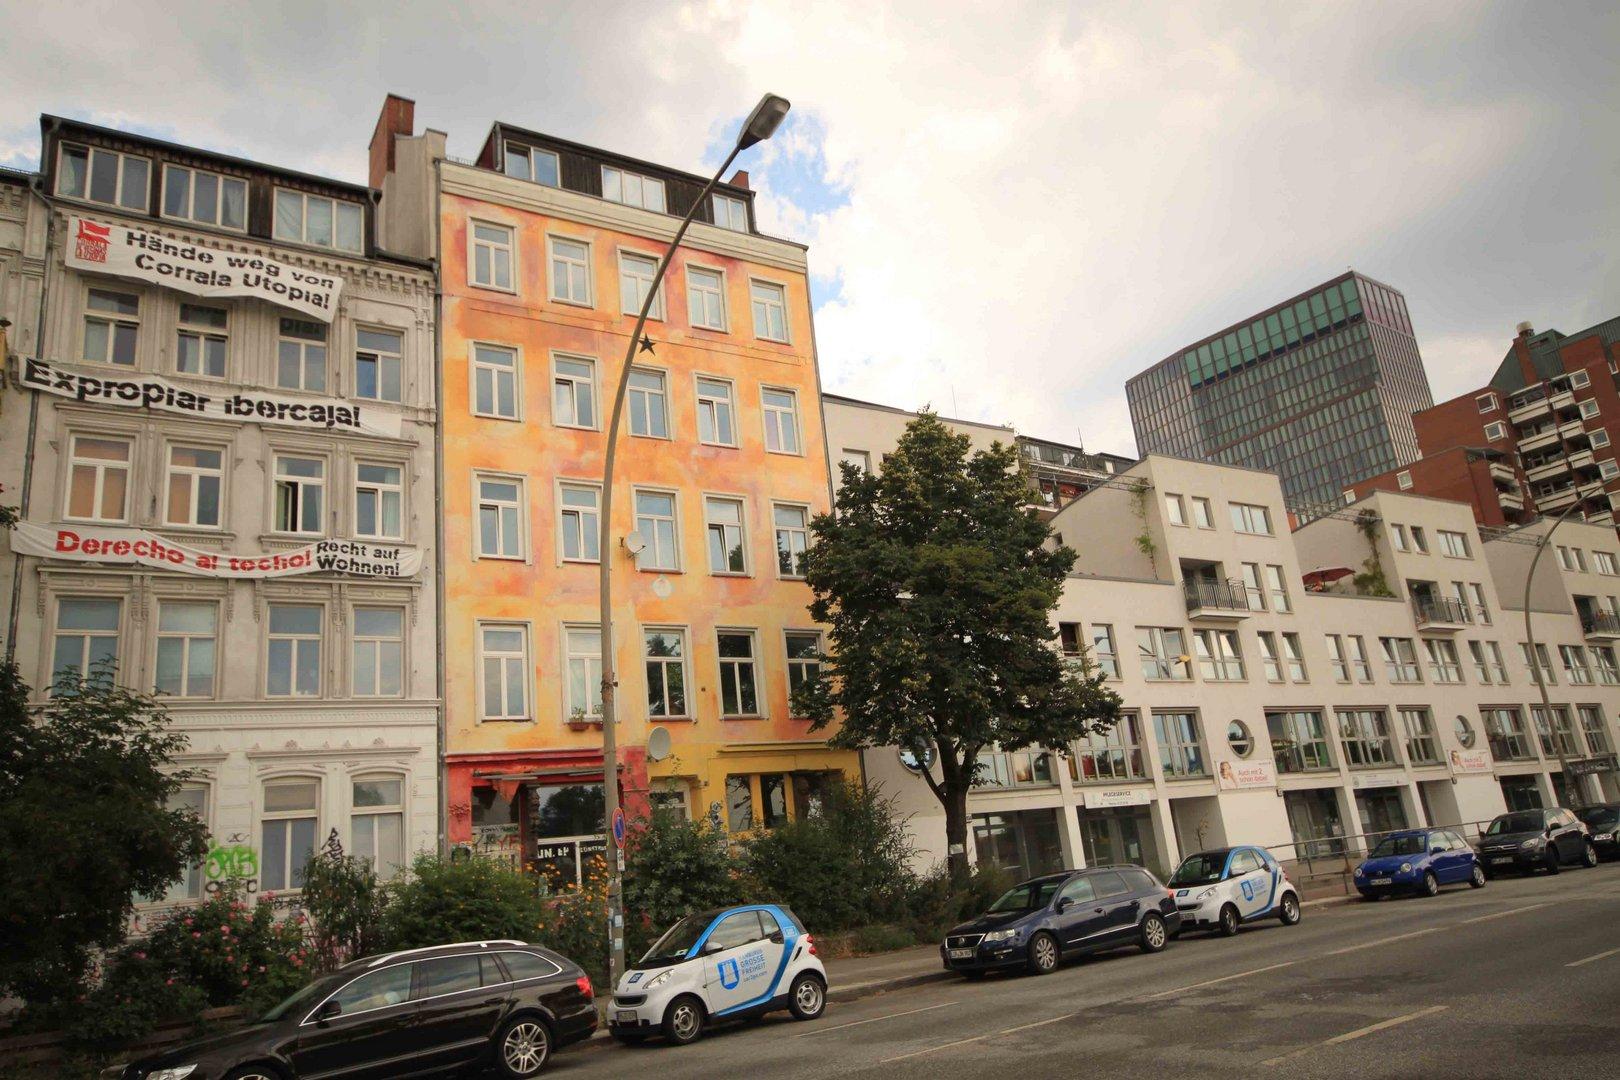 Fotomarathon Hamburg 2013 - Widerstand